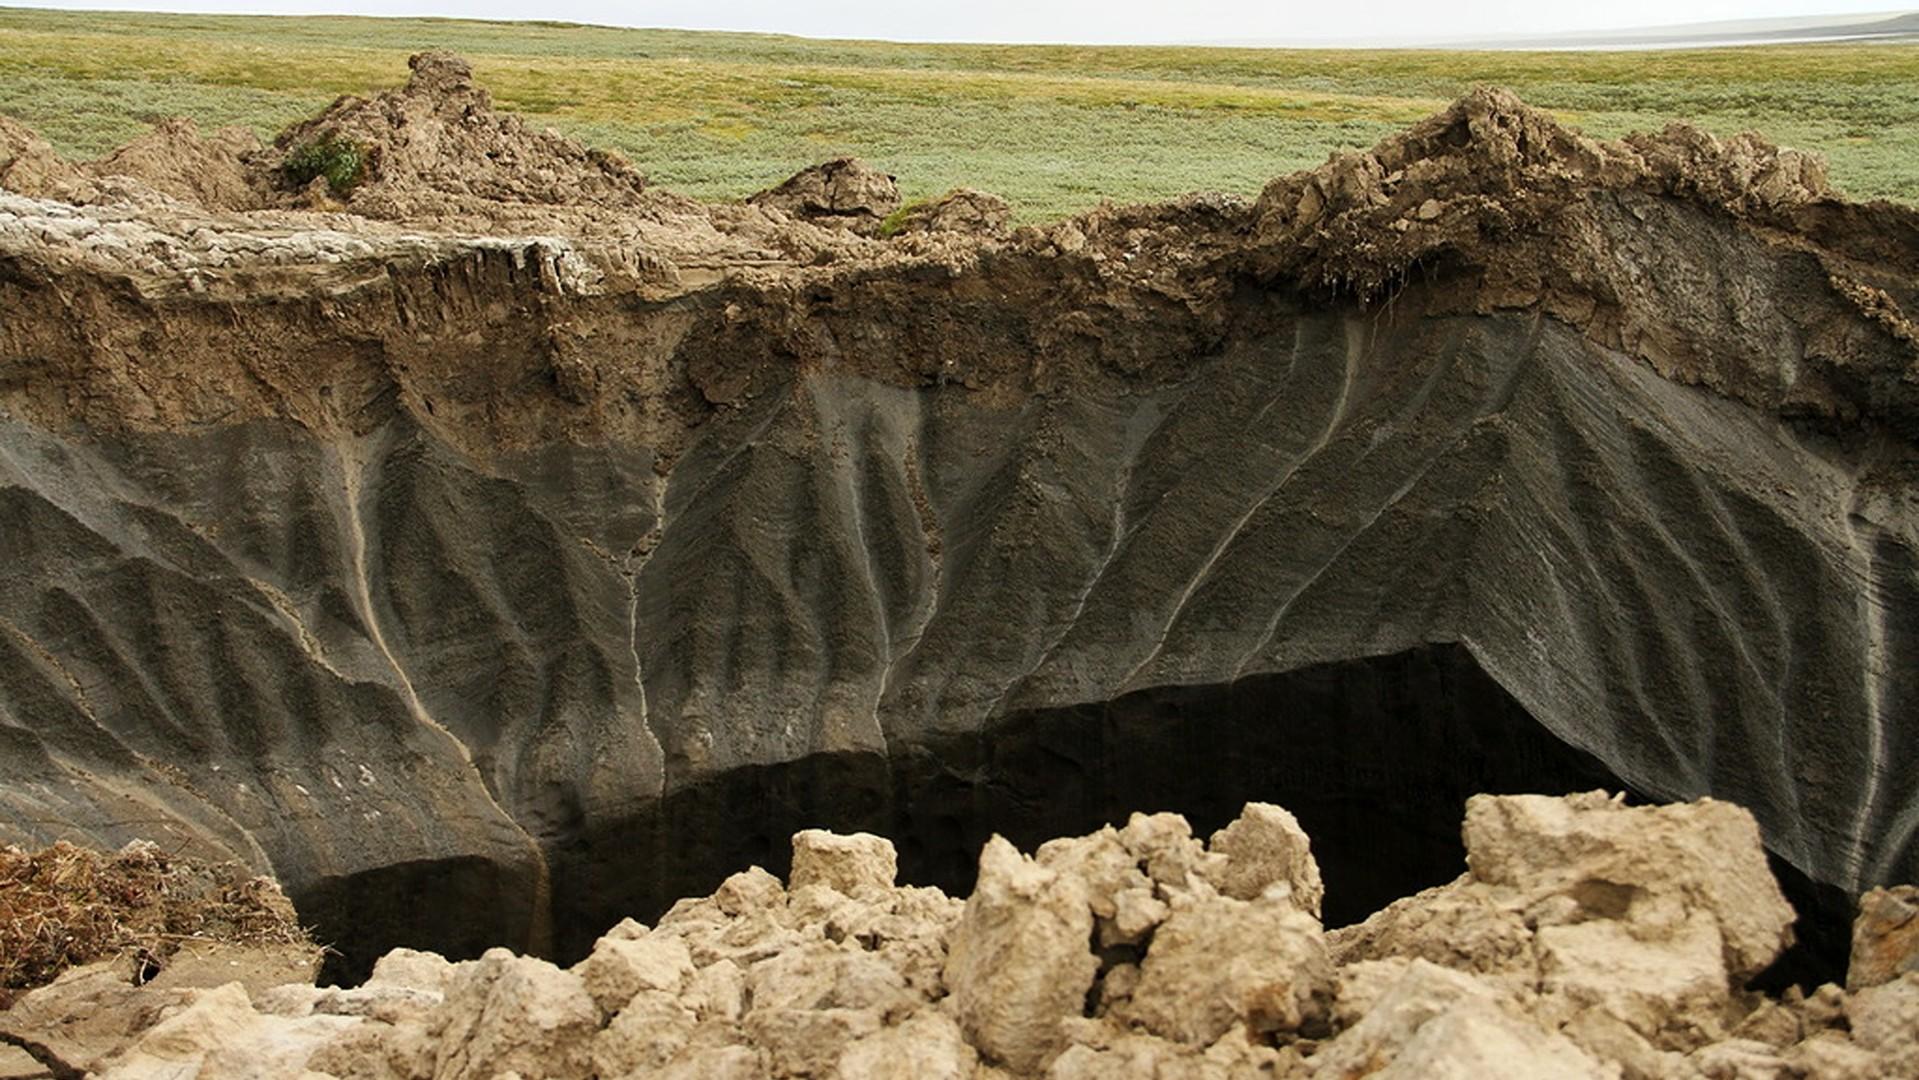 Un des gouffres énormes dans la péninsule de Yamal